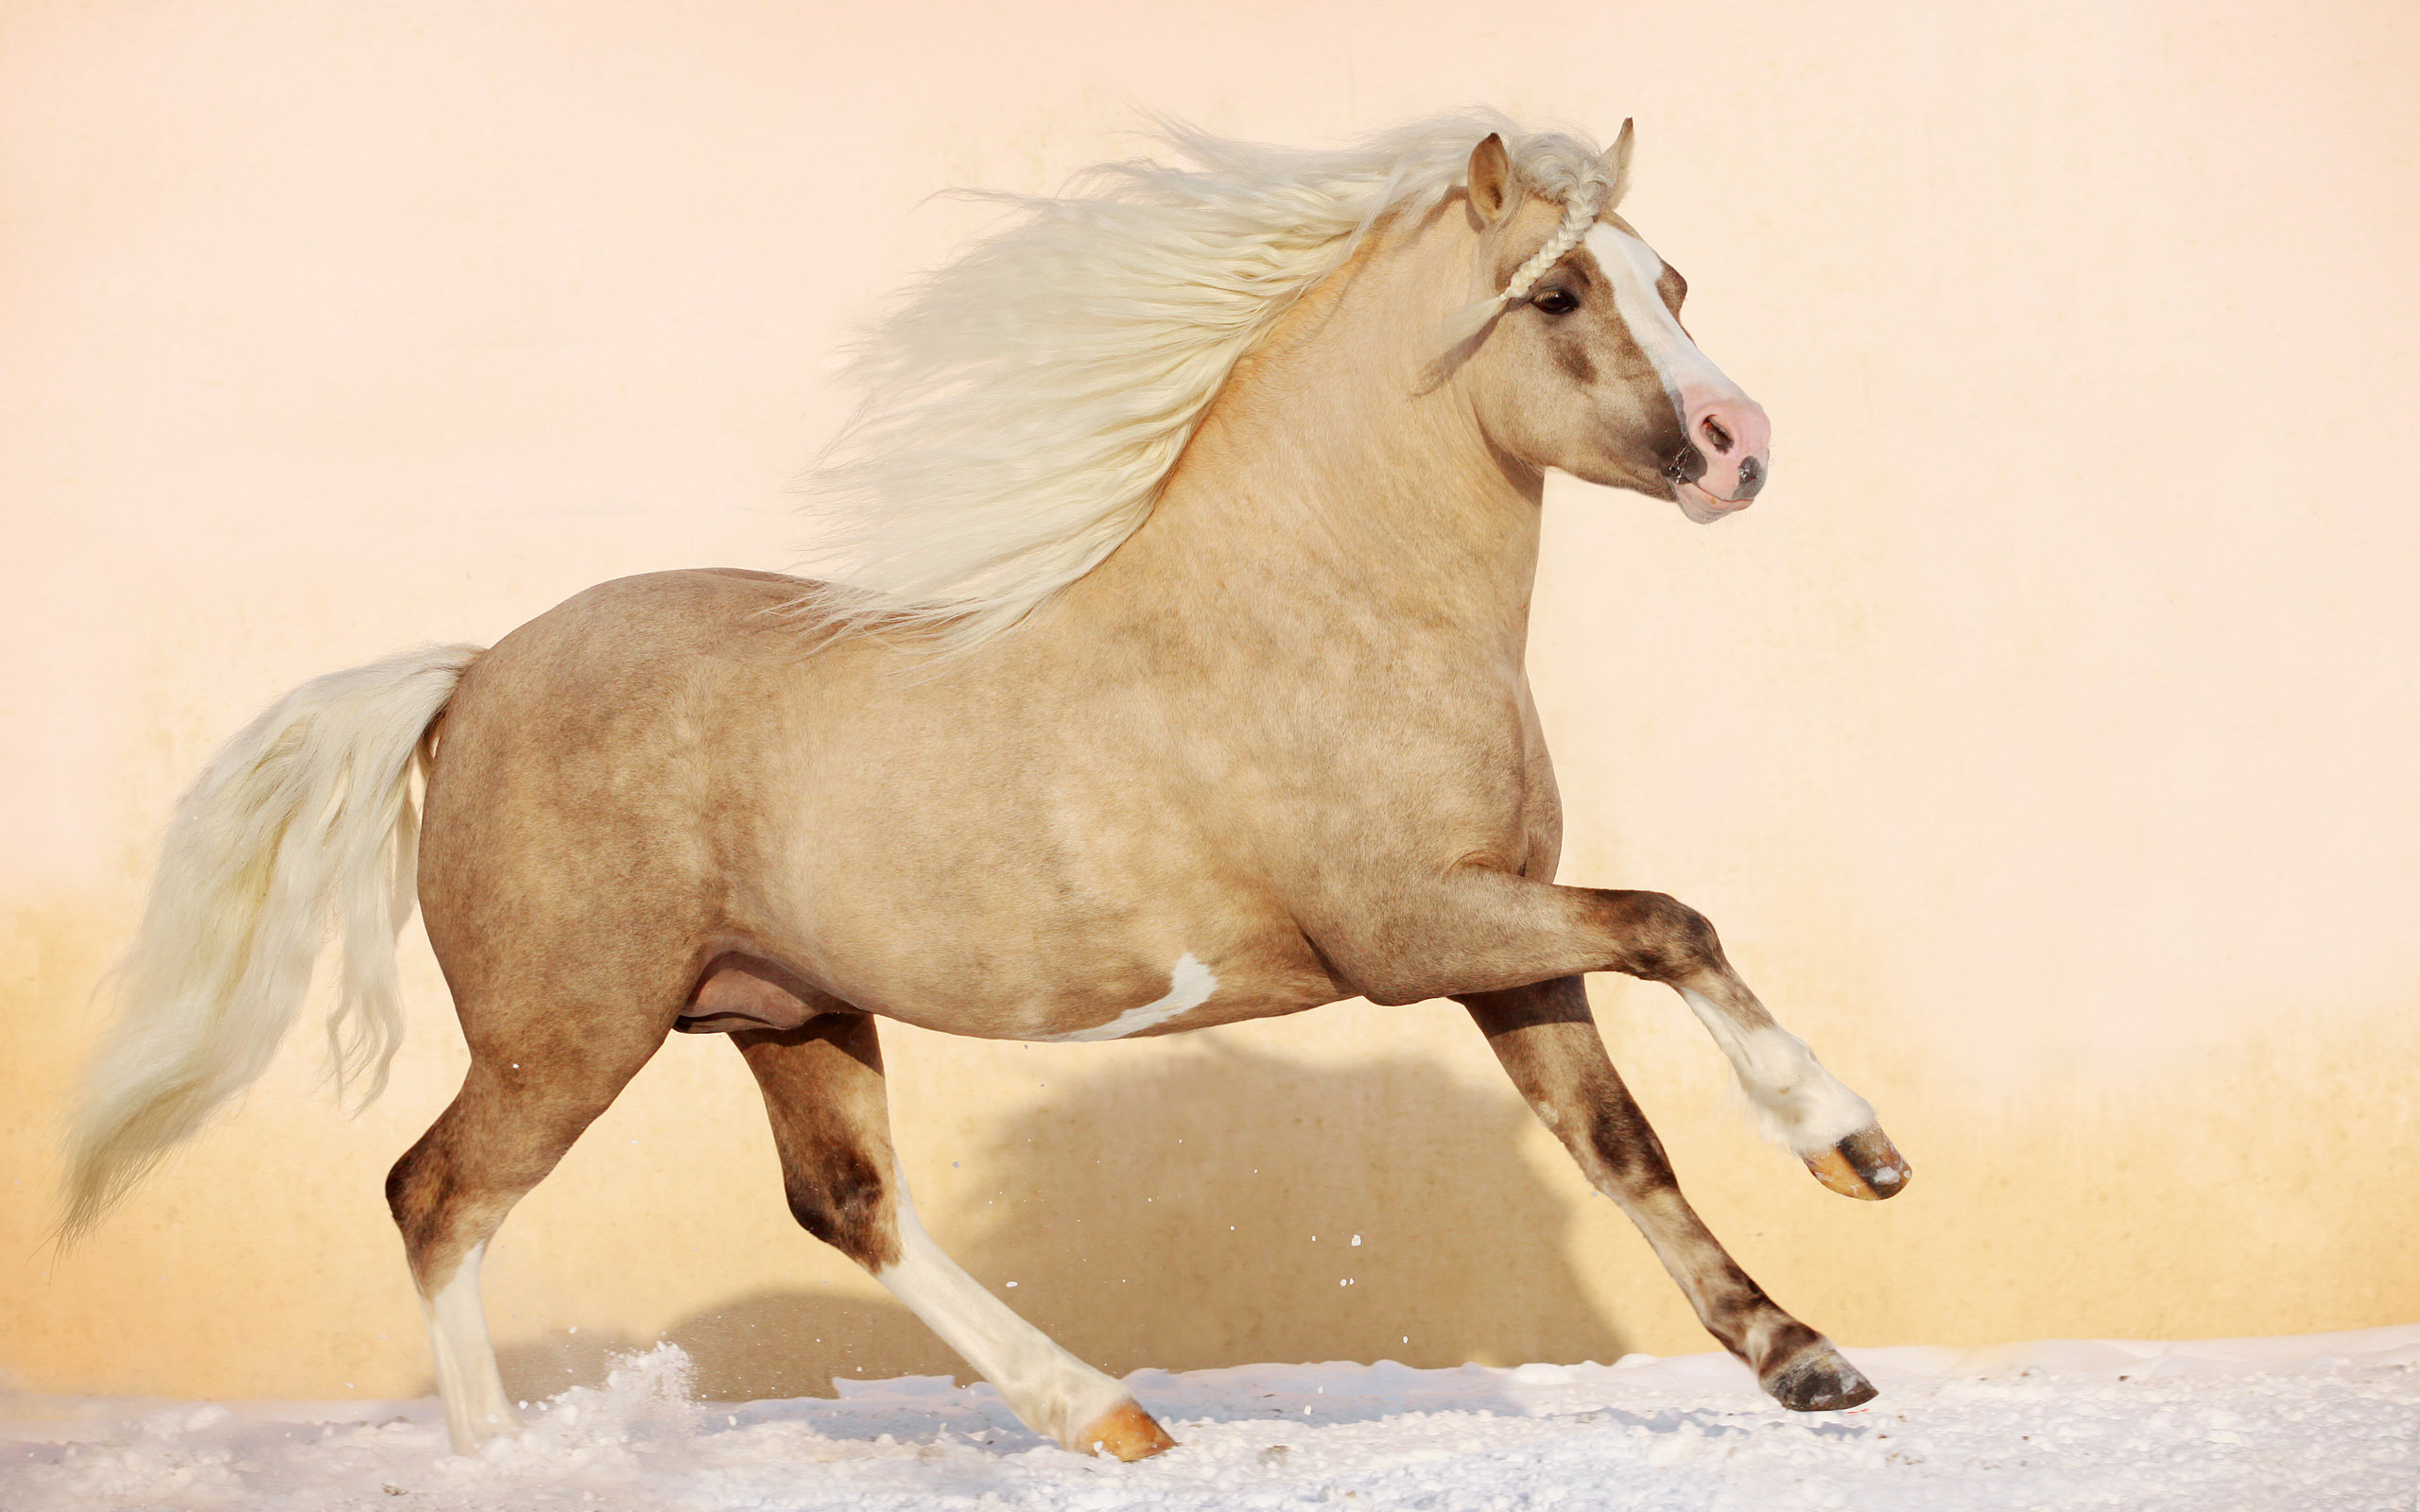 лошадь с гривой  № 3127135 бесплатно